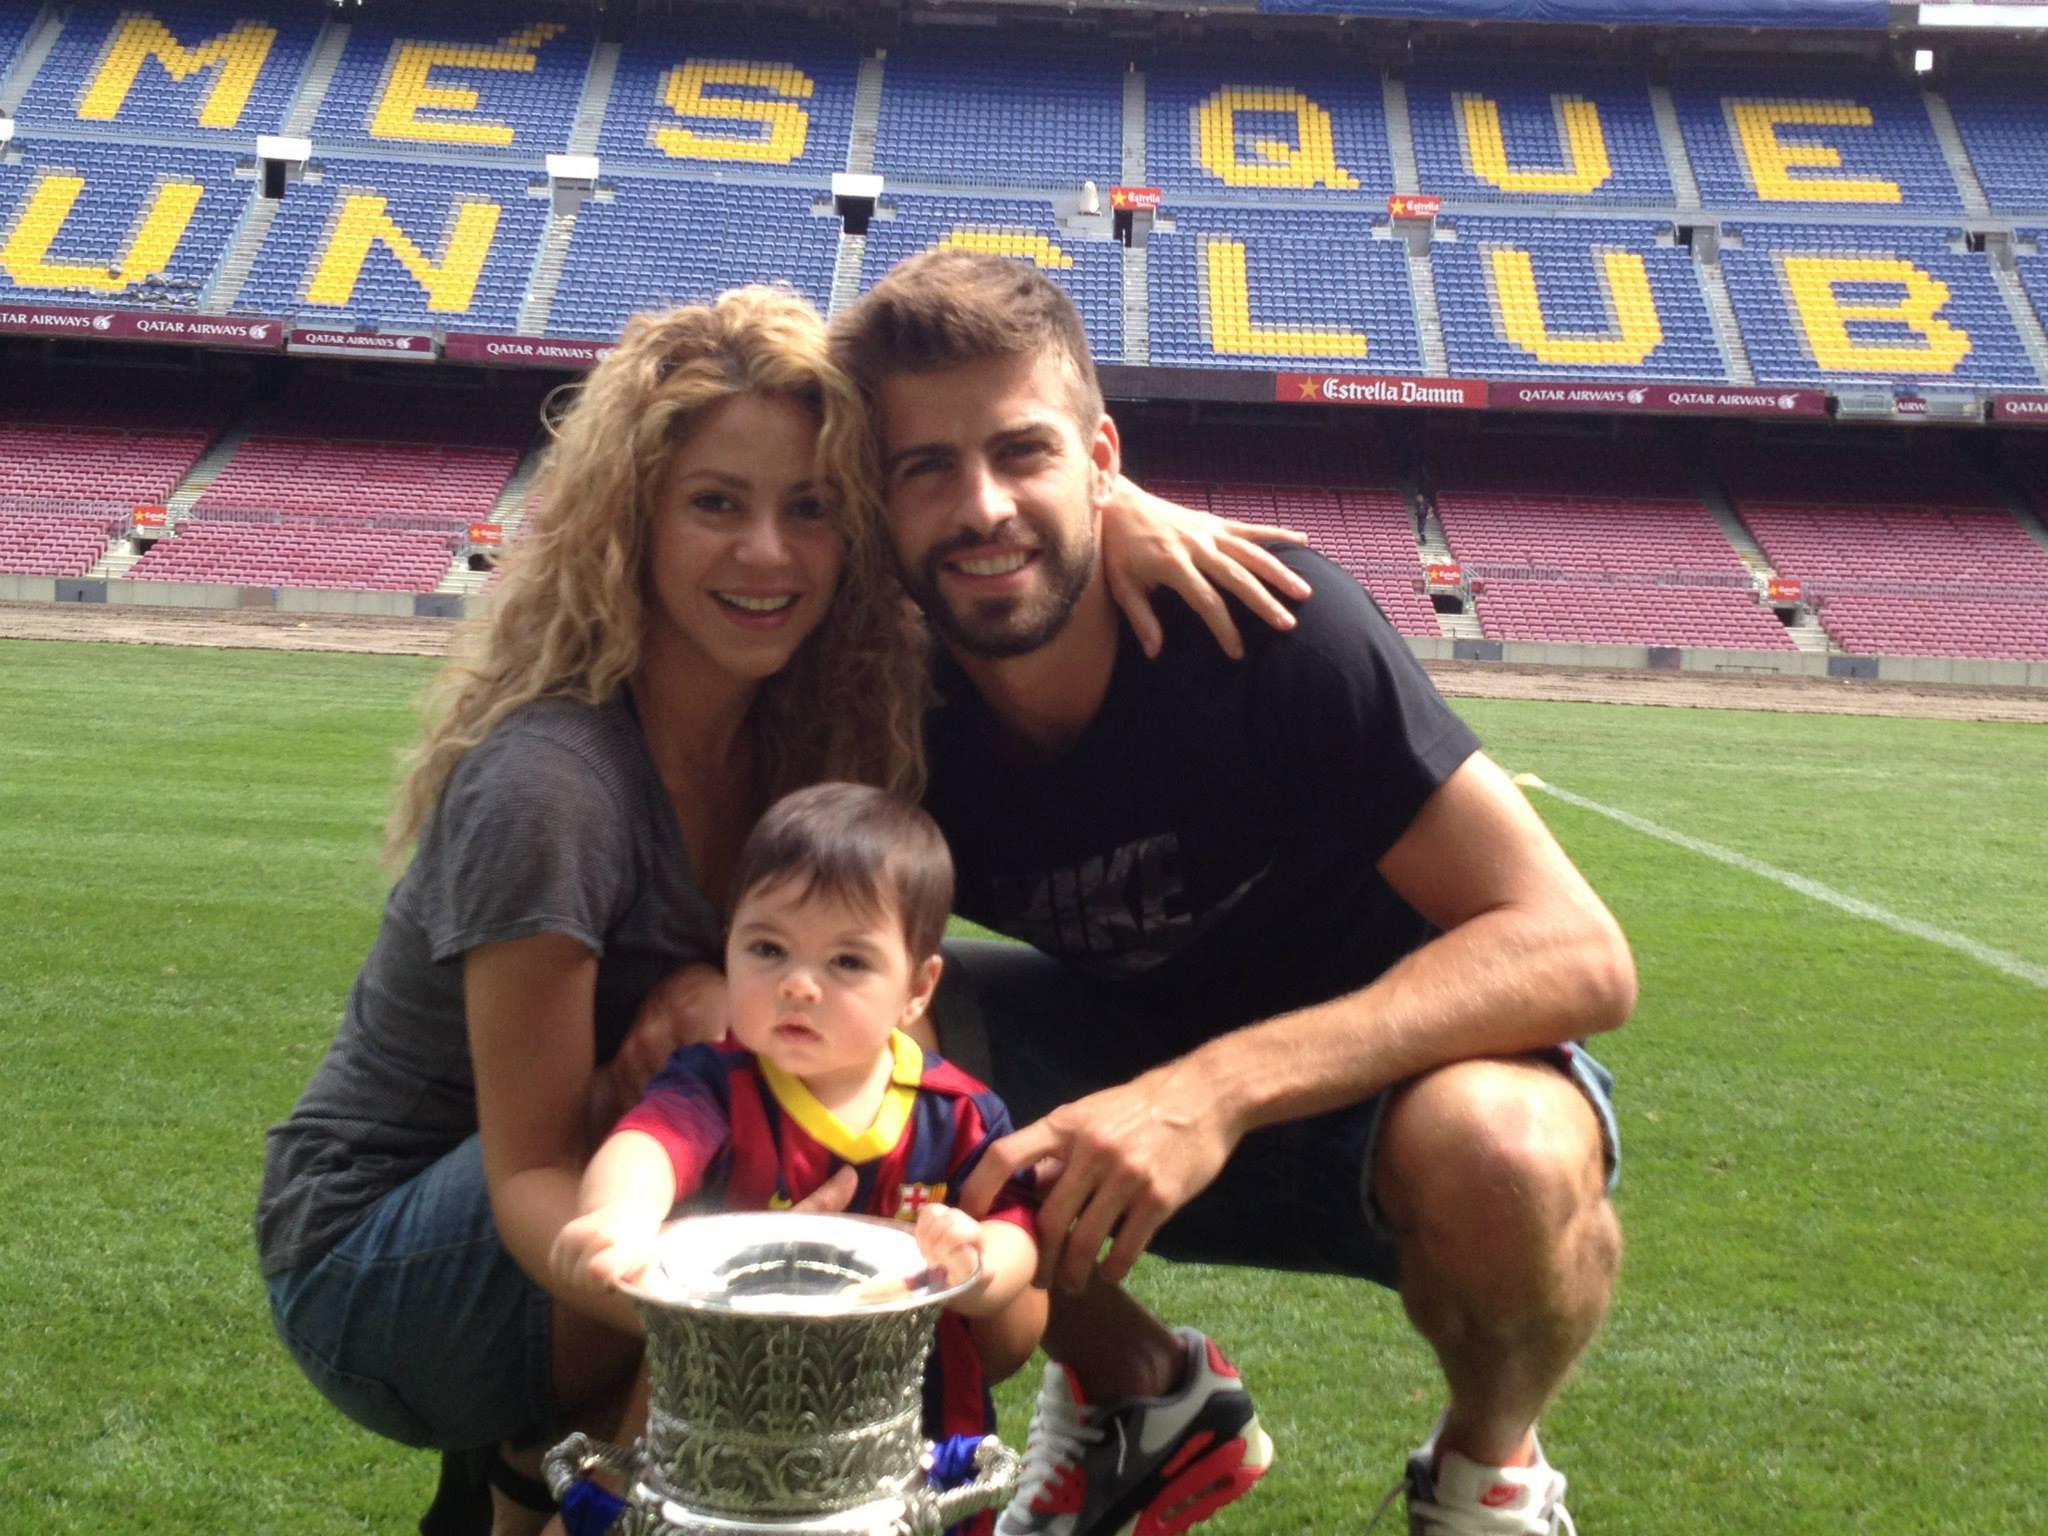 El hijo de Shakira y Piqué se llamará Sasha y ya es socio del FC Barcelona